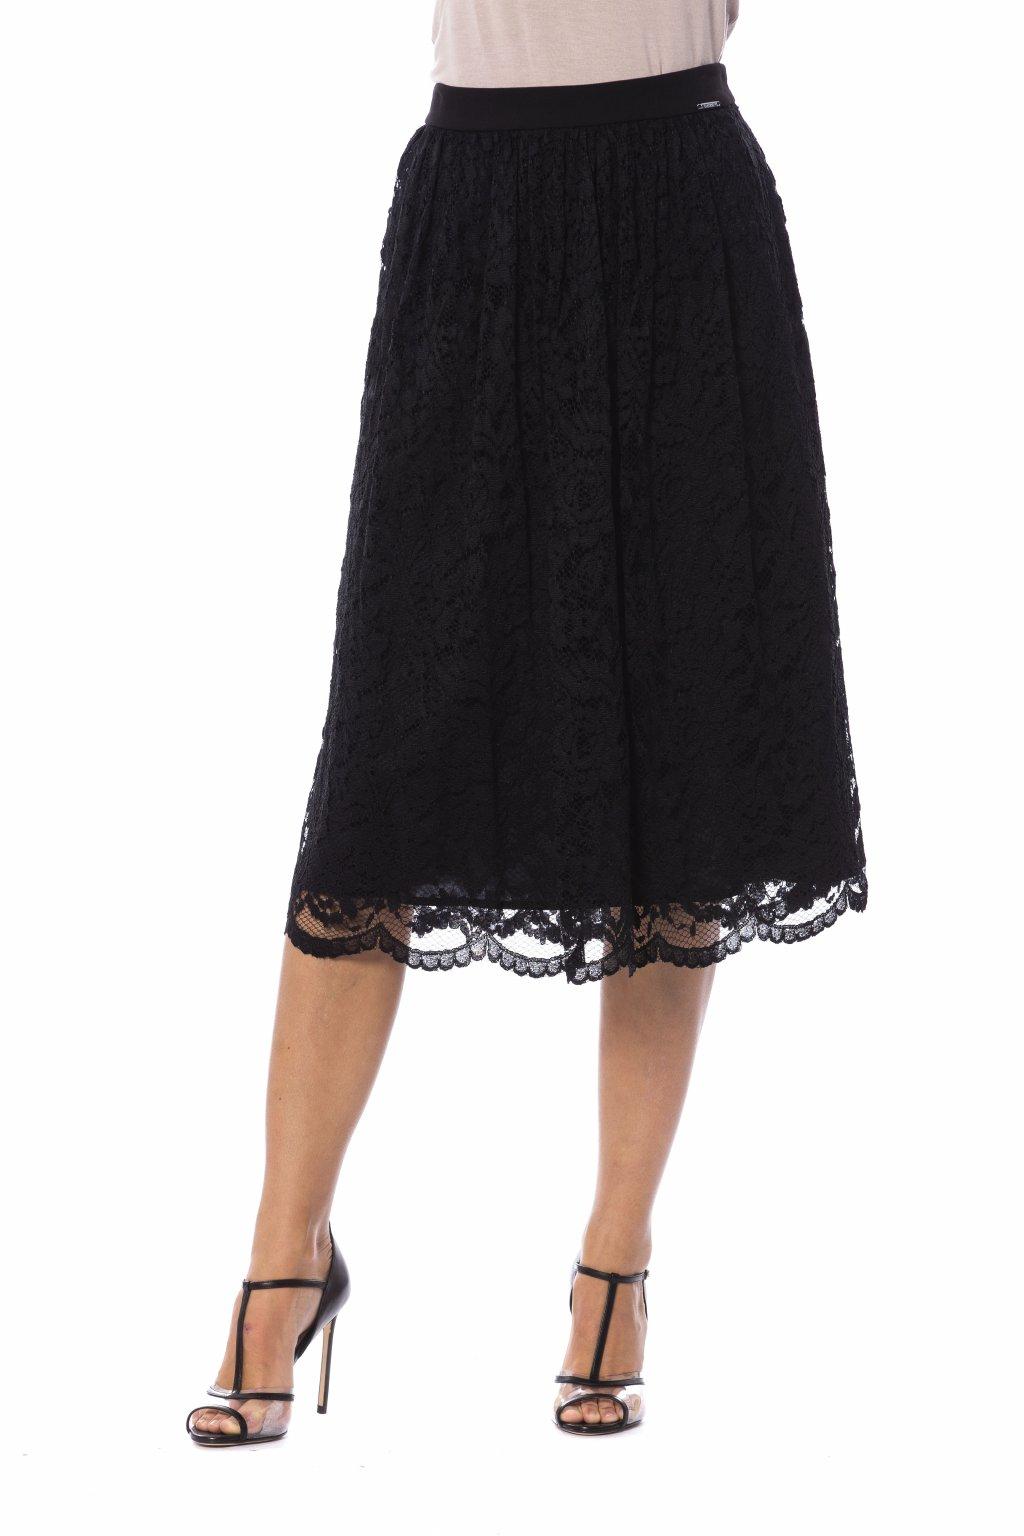 cerna sukne s krajkami Gaudi Jeans (2)